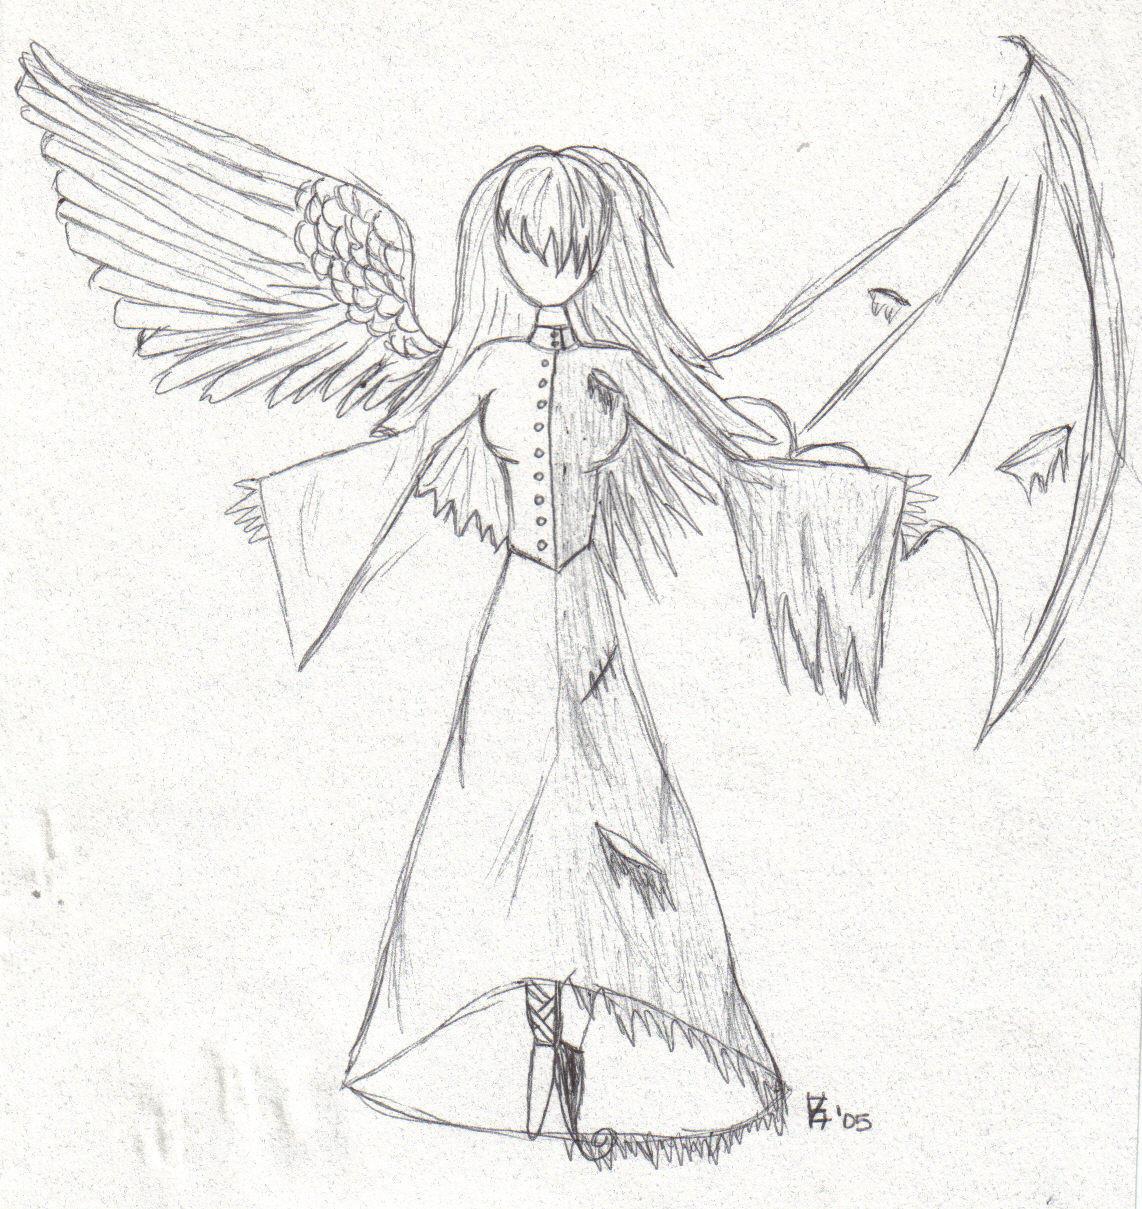 good and evil by darkartist13 traditional art drawings fantasy 2005 ...: darkartist13.deviantart.com/art/good-and-evil-21025472